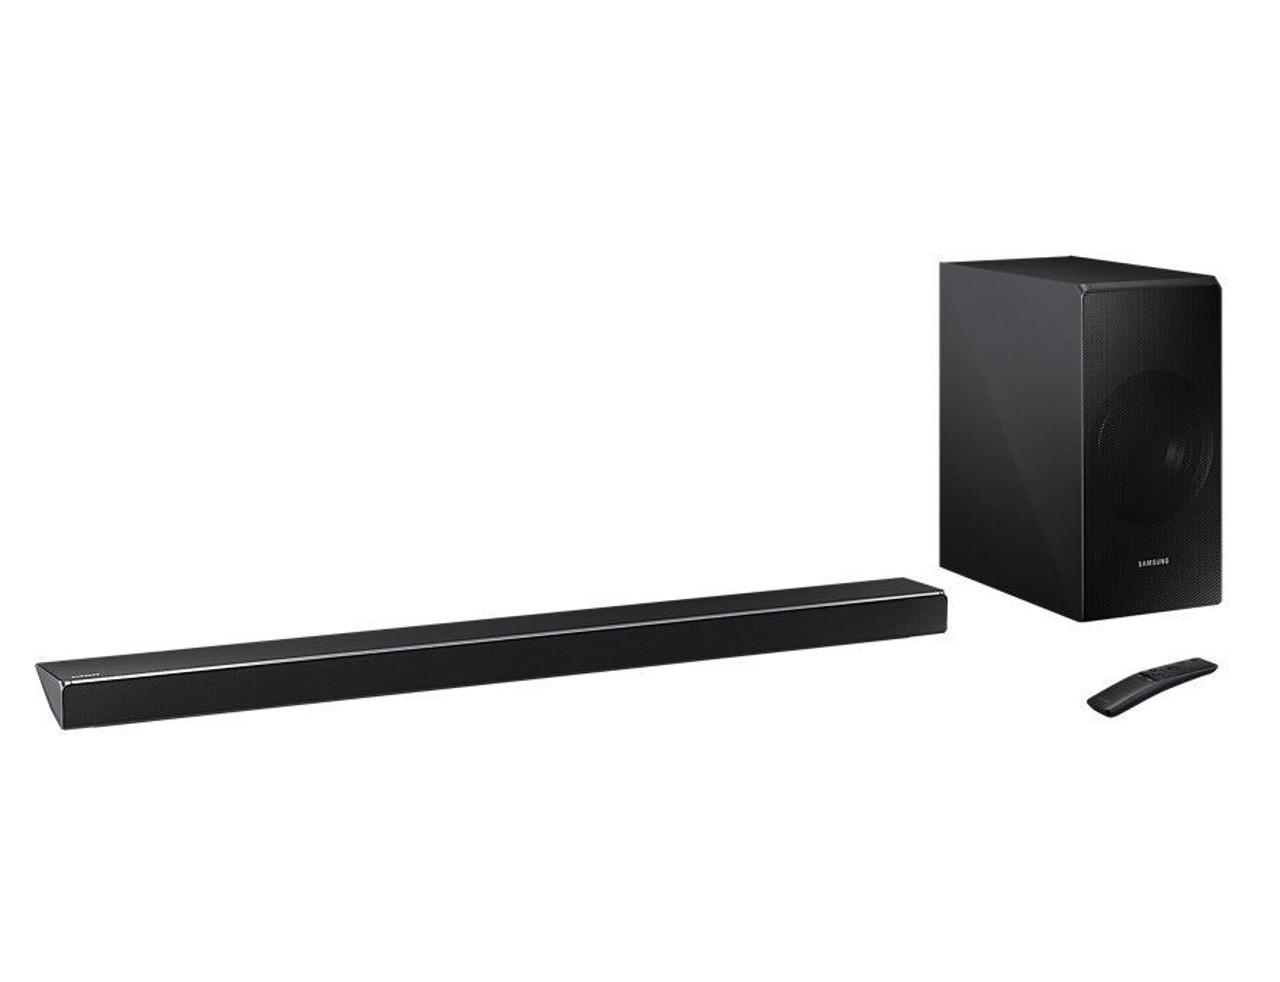 Samsung HW-N650 HW-N650/XY 5.1ch Soundbar with Wireless Subwoofer - RRP $799.00 - HURRY LAST 1!